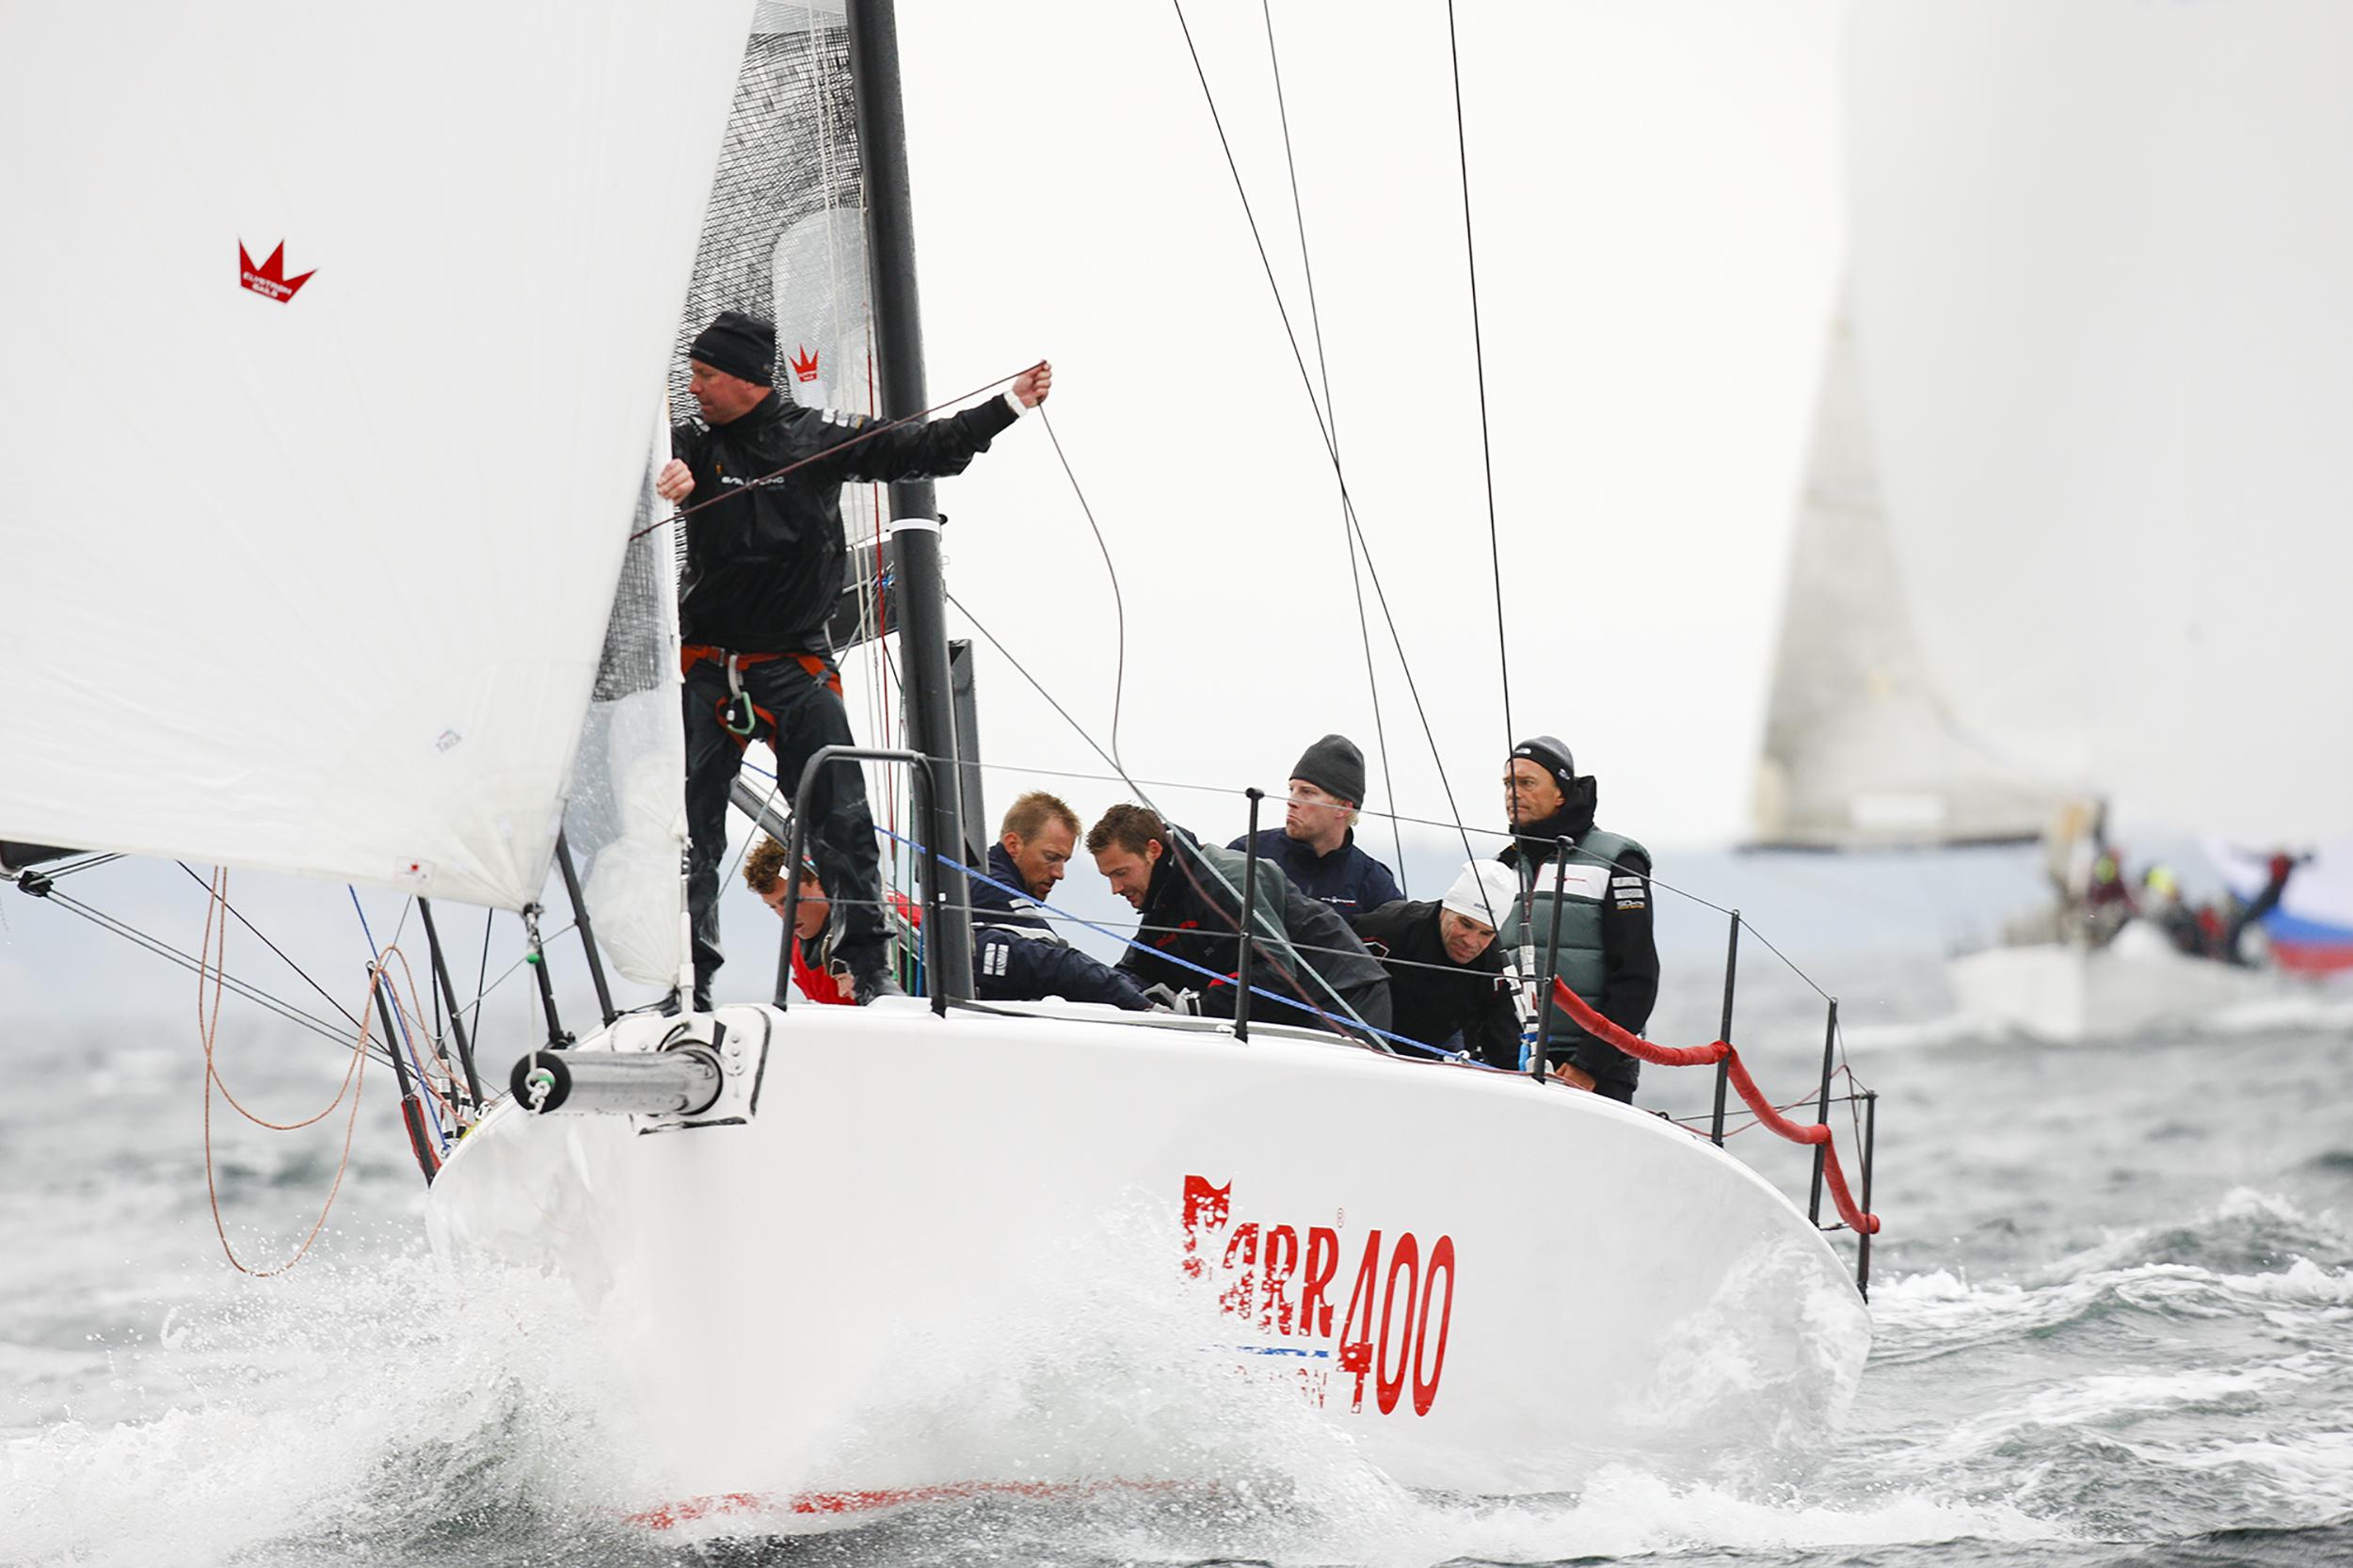 RaceRigtig20121014-Mick-0194